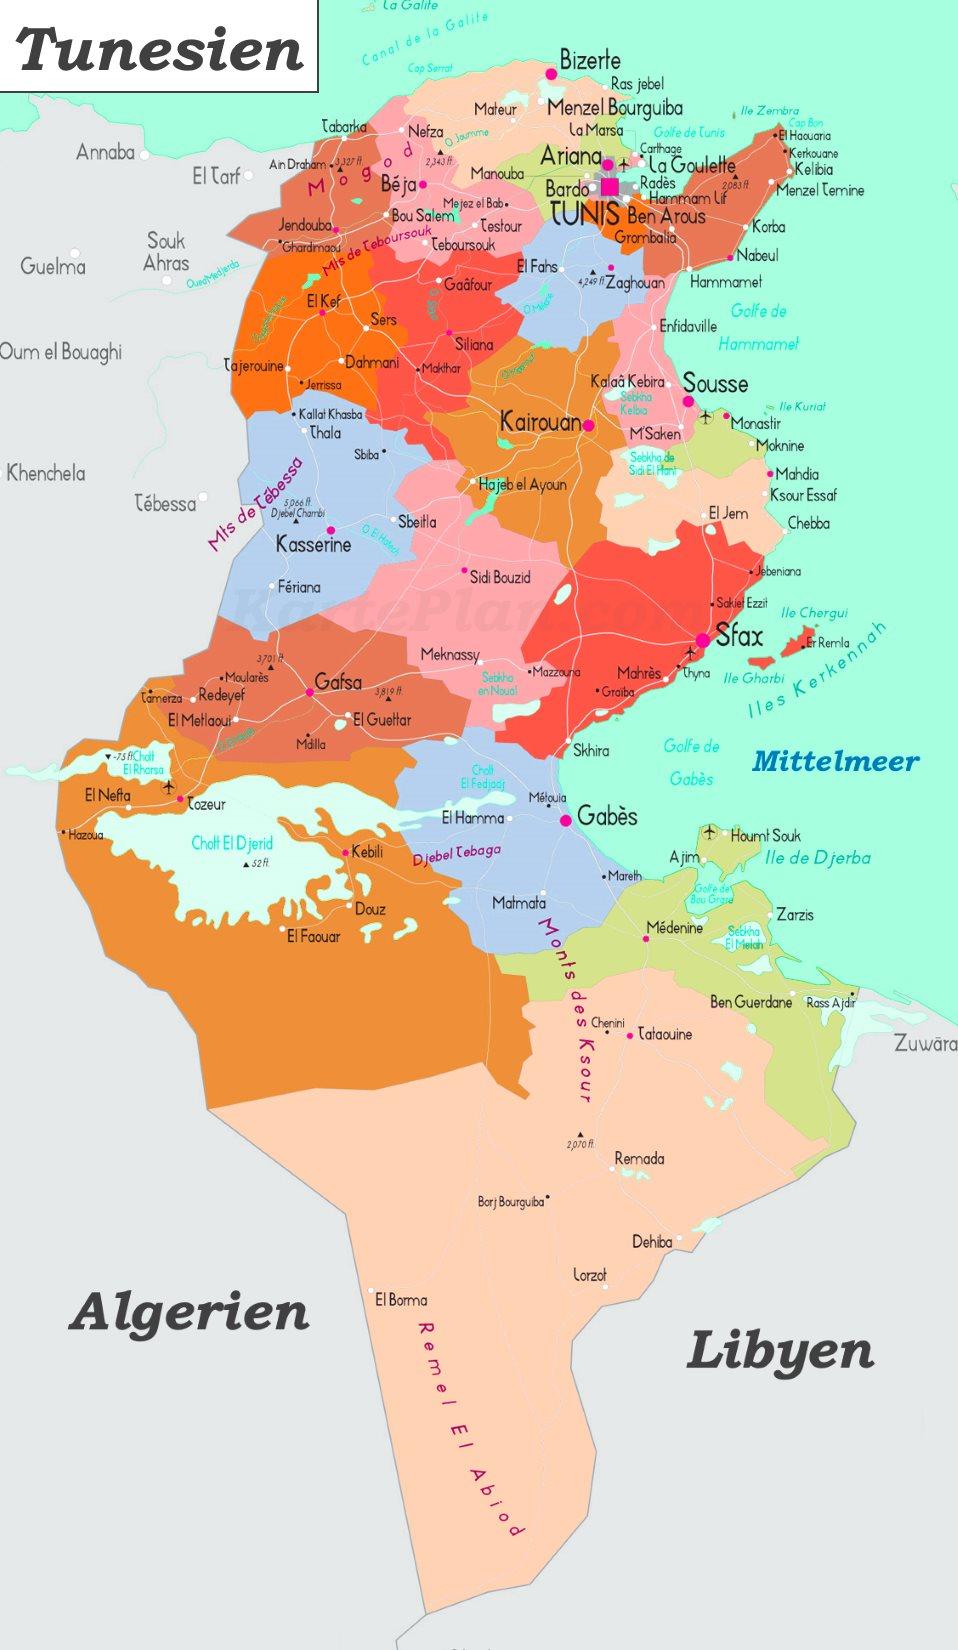 Tunesien Karte.Tunesien Politische Karte